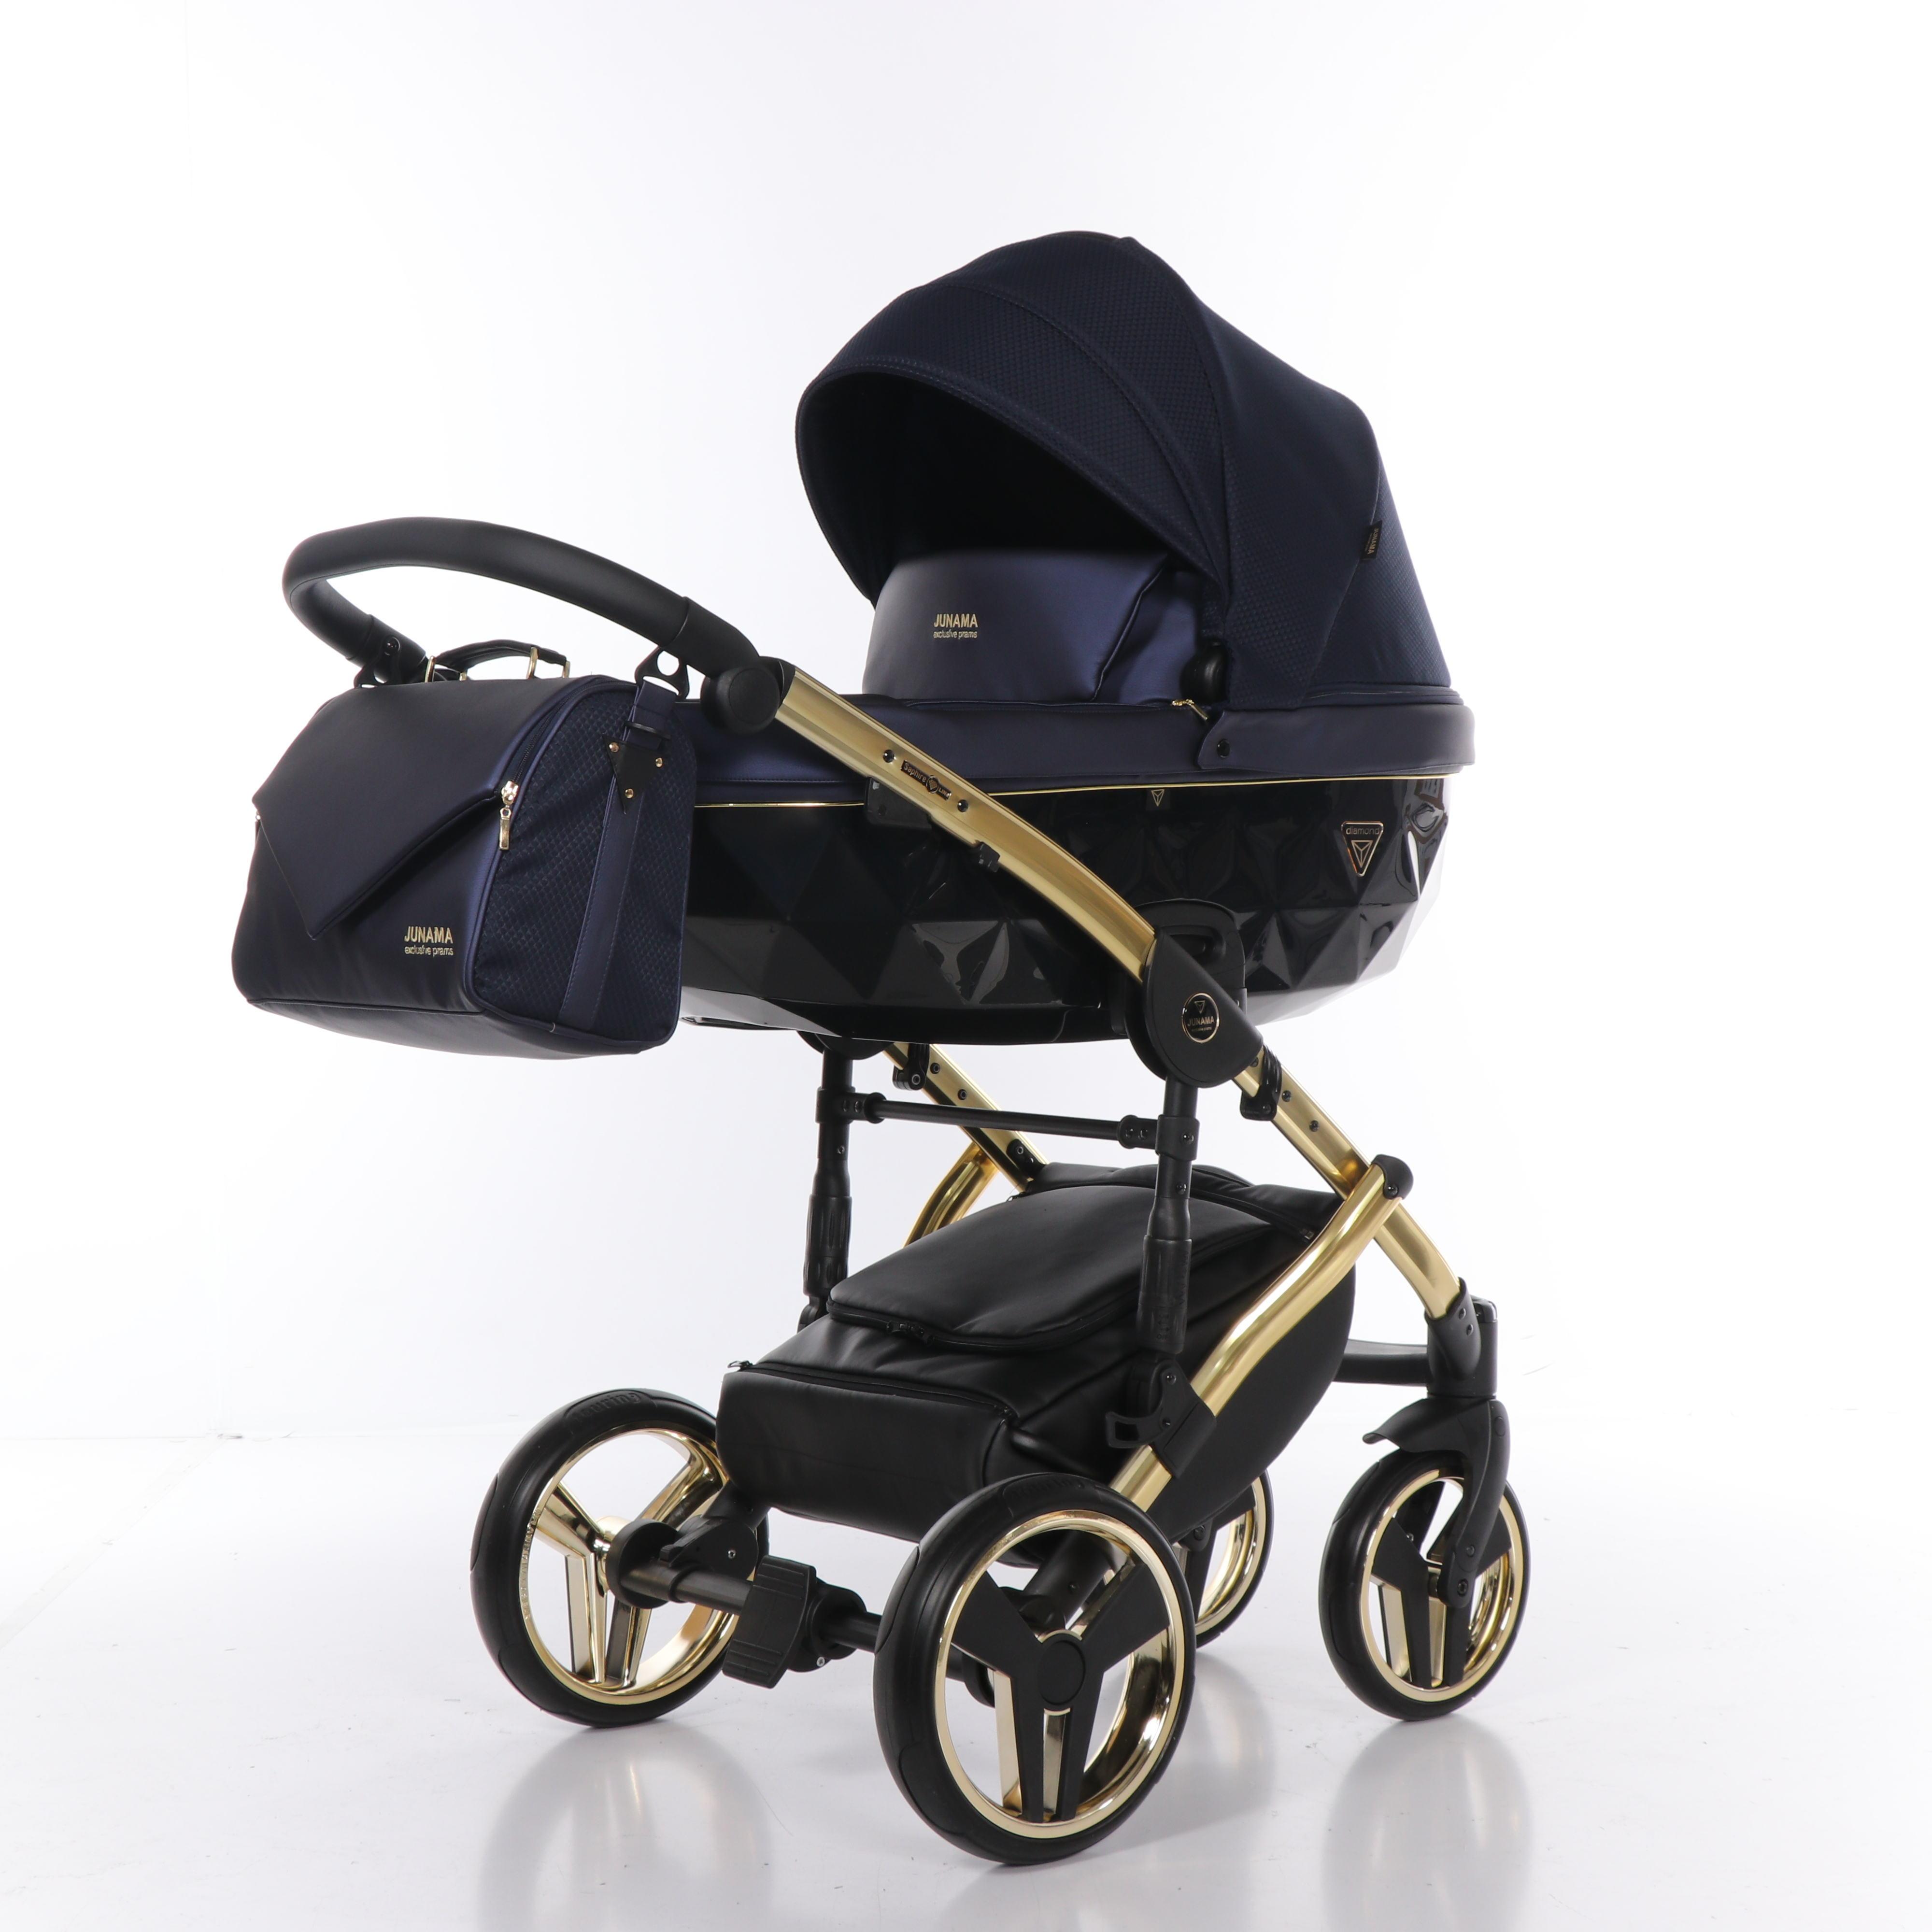 wózek Junama Saphire wielofunkcyjny elegancki dziecięcy Dadi Shop nowość